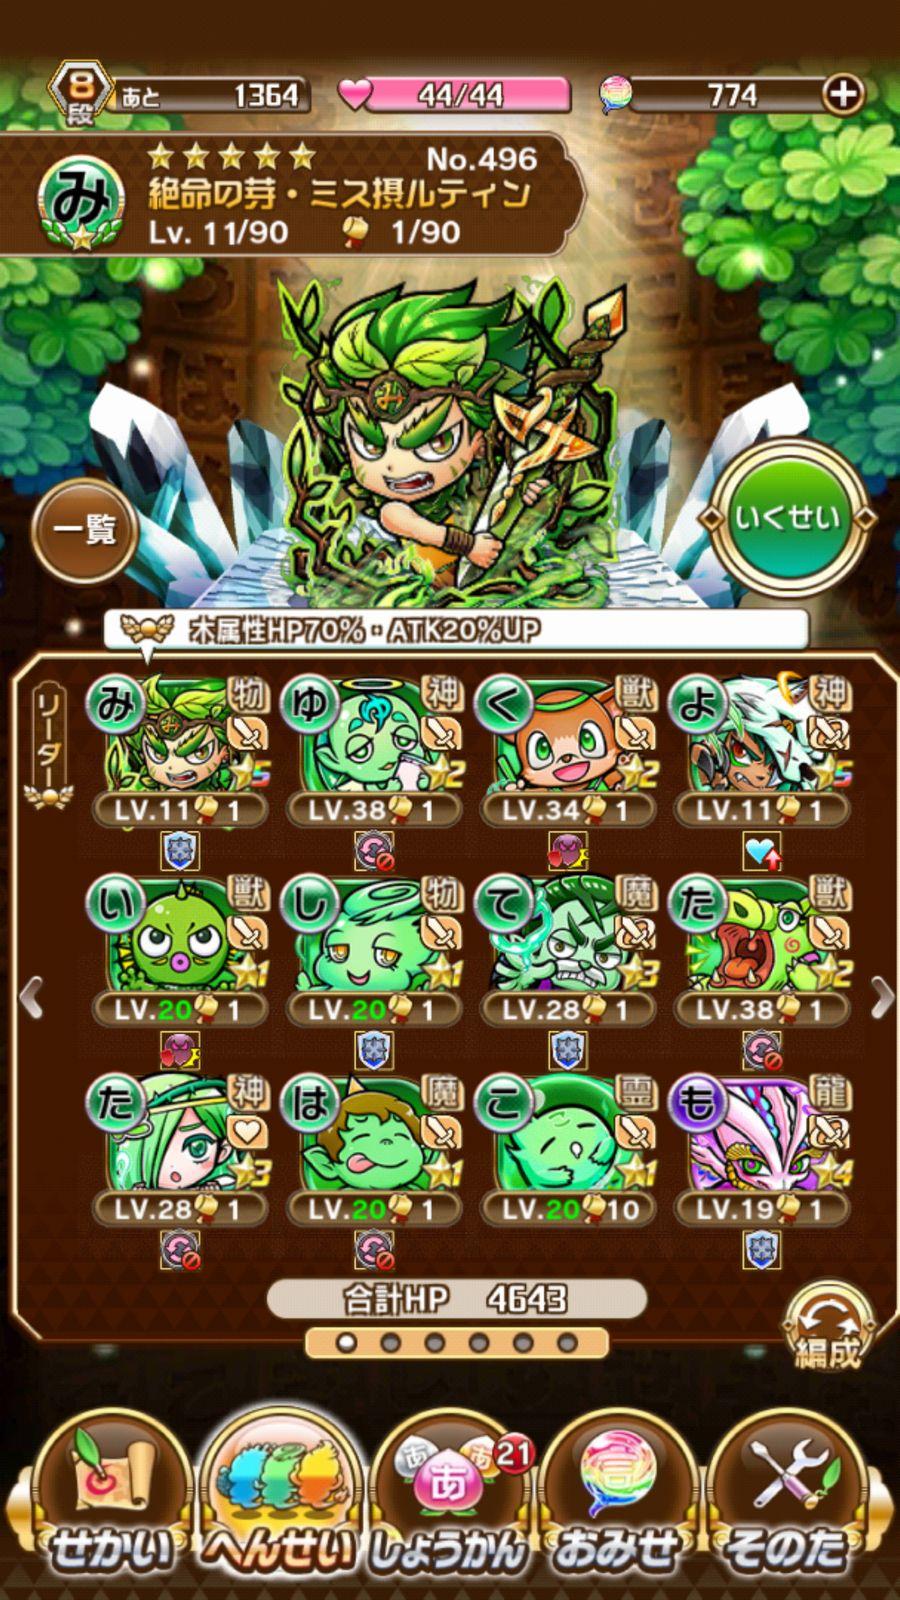 共闘ことばRPG コトダマン【ゲームレビュー】